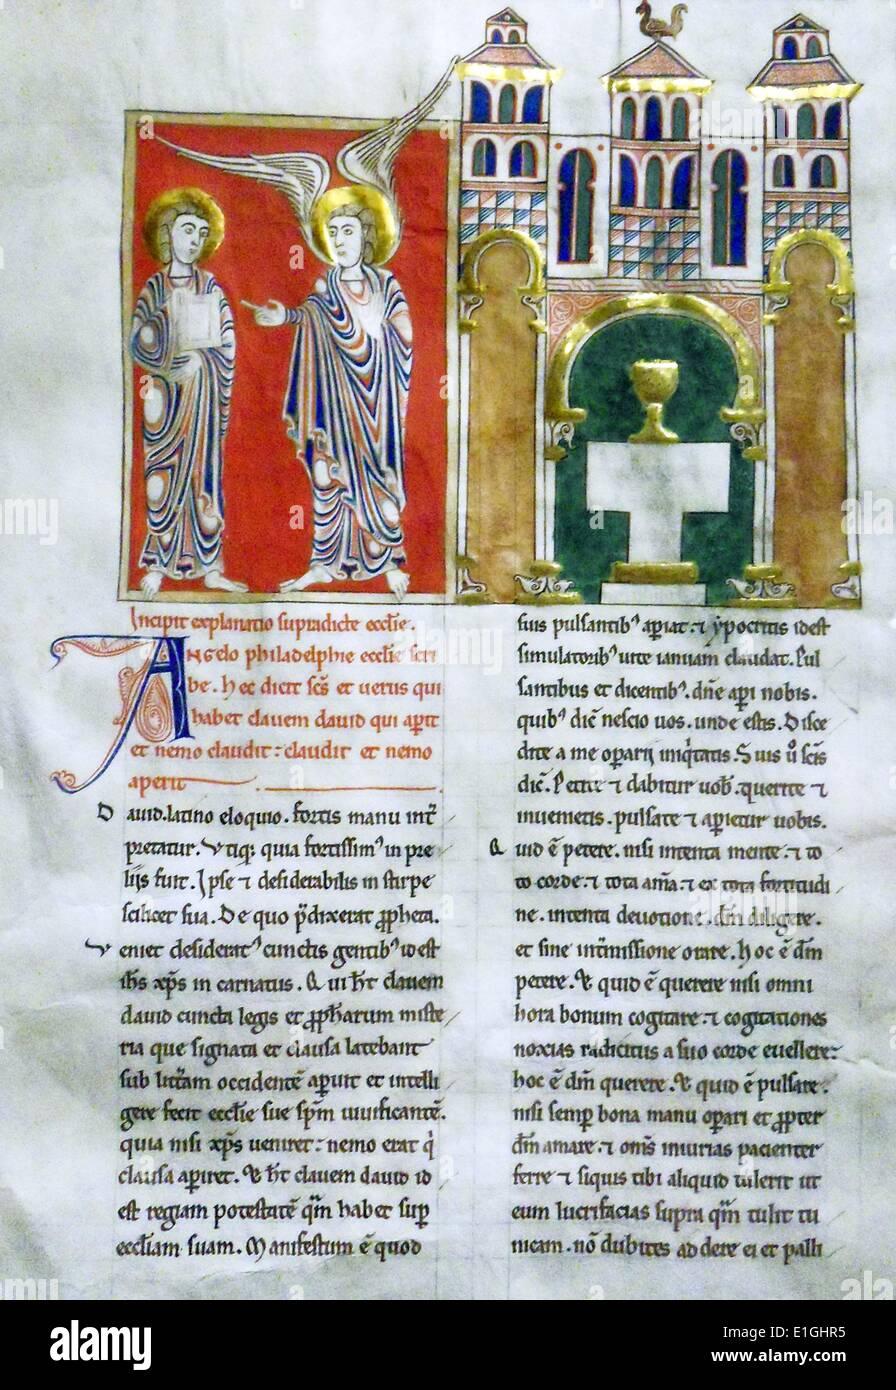 Der Engel der Kirche in Philadelphia mit dem Heiligen Johannes.  Blatt aus einer Beatus-Handschrift.  Tempera, Gold und Tusche Pergament. Stockbild